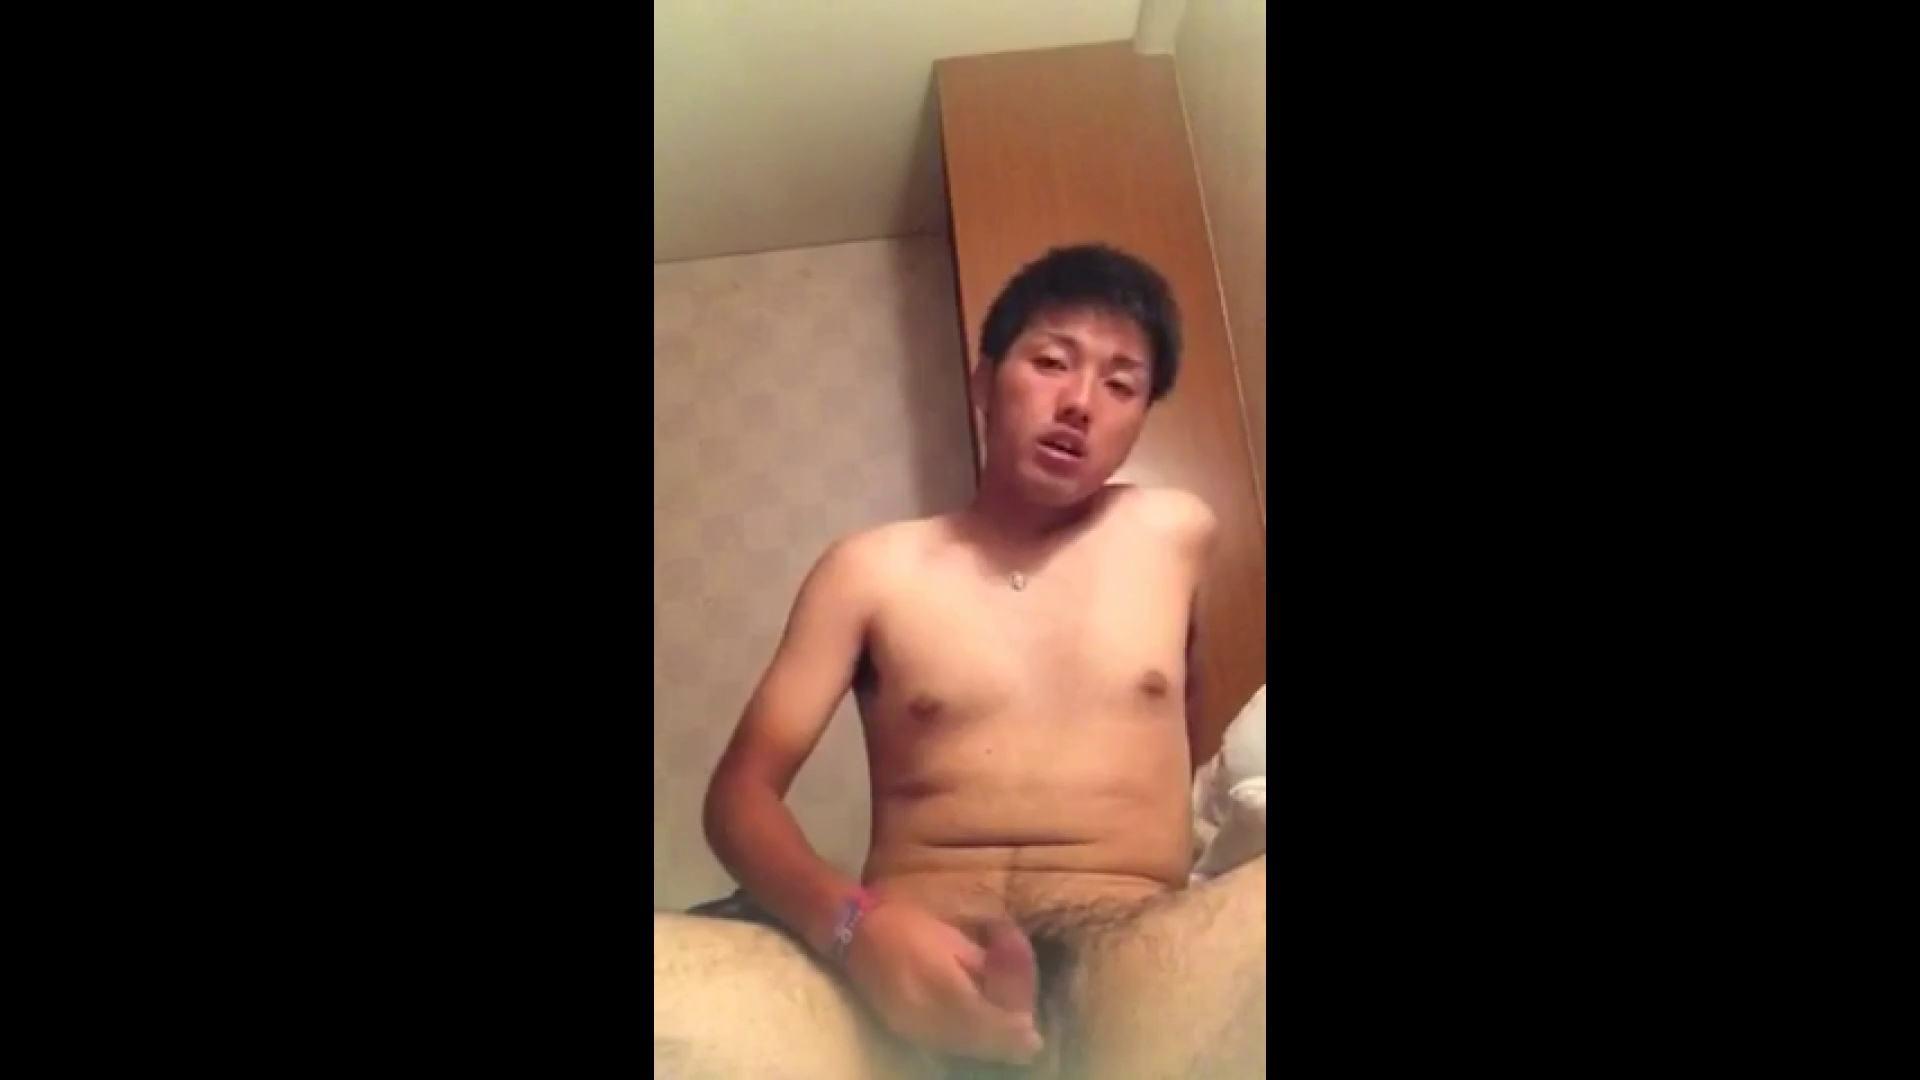 キター!ノンケちゃんオナニー特集vol.29 ノンケ天国 ゲイアダルト画像 107pic 24